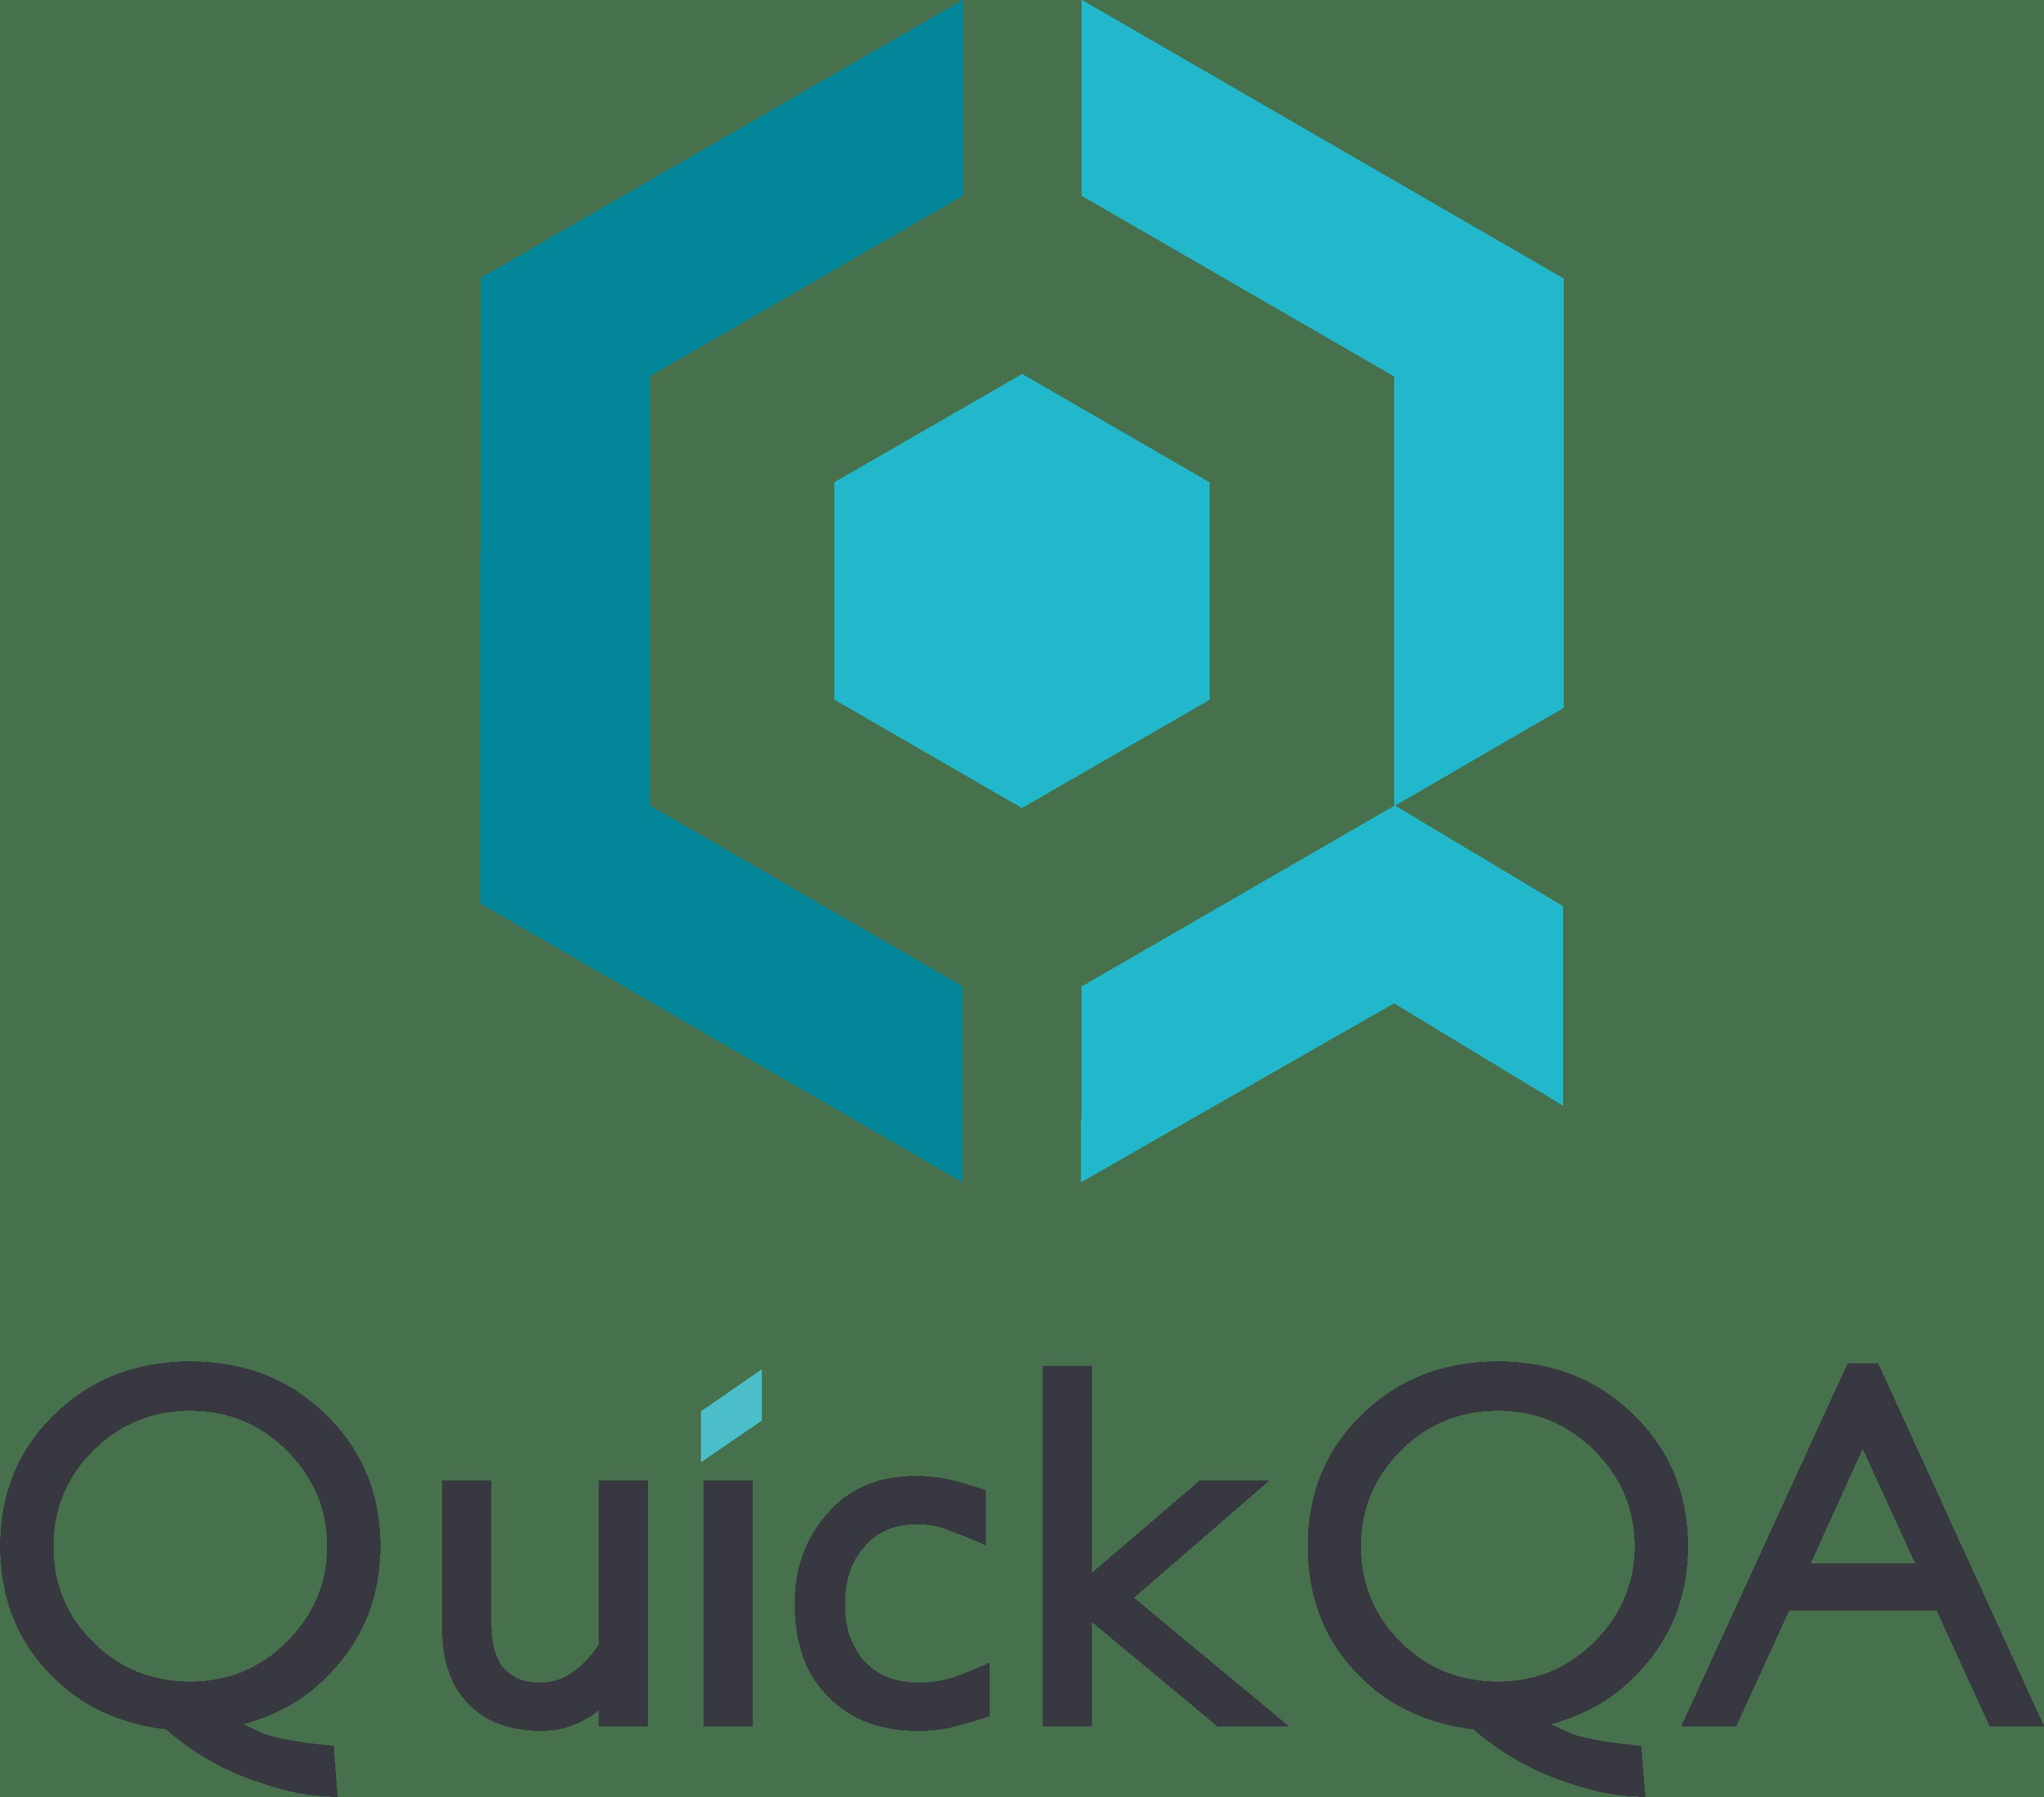 チャットボットQUICKQA|AI・人工知能製品・サービス・ソリューション・プロダクト・ツールの比較一覧・導入活用事例・資料請求が無料でできるメディア